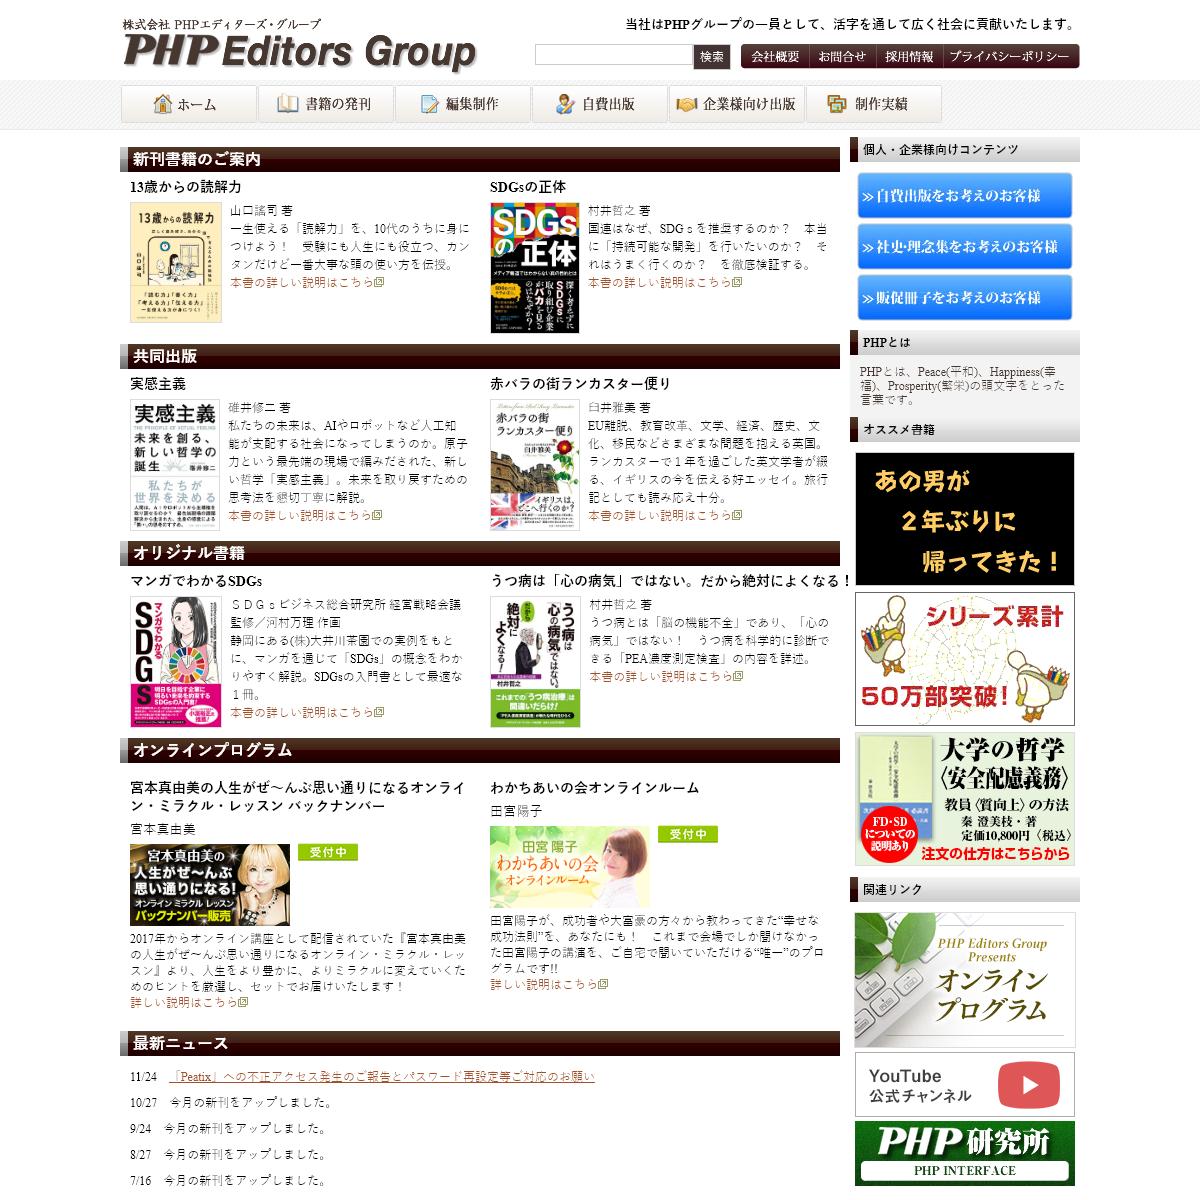 株式会社PHPエディターズ・グループ